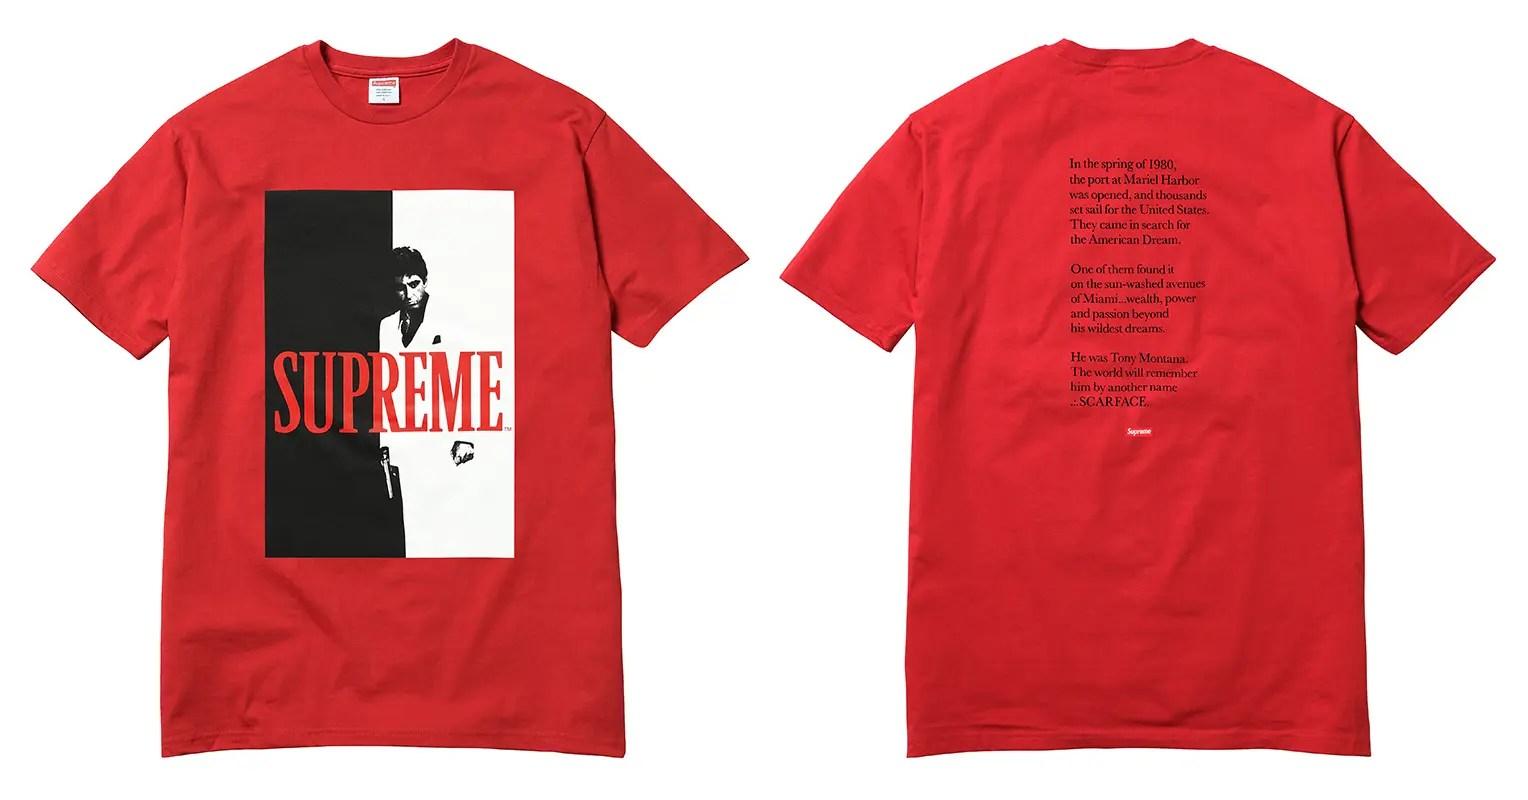 【速報】国内10/14発売!シュプリーム (SUPREME) × スカーフェイス (Scarface) 2017 F/Wコレクション